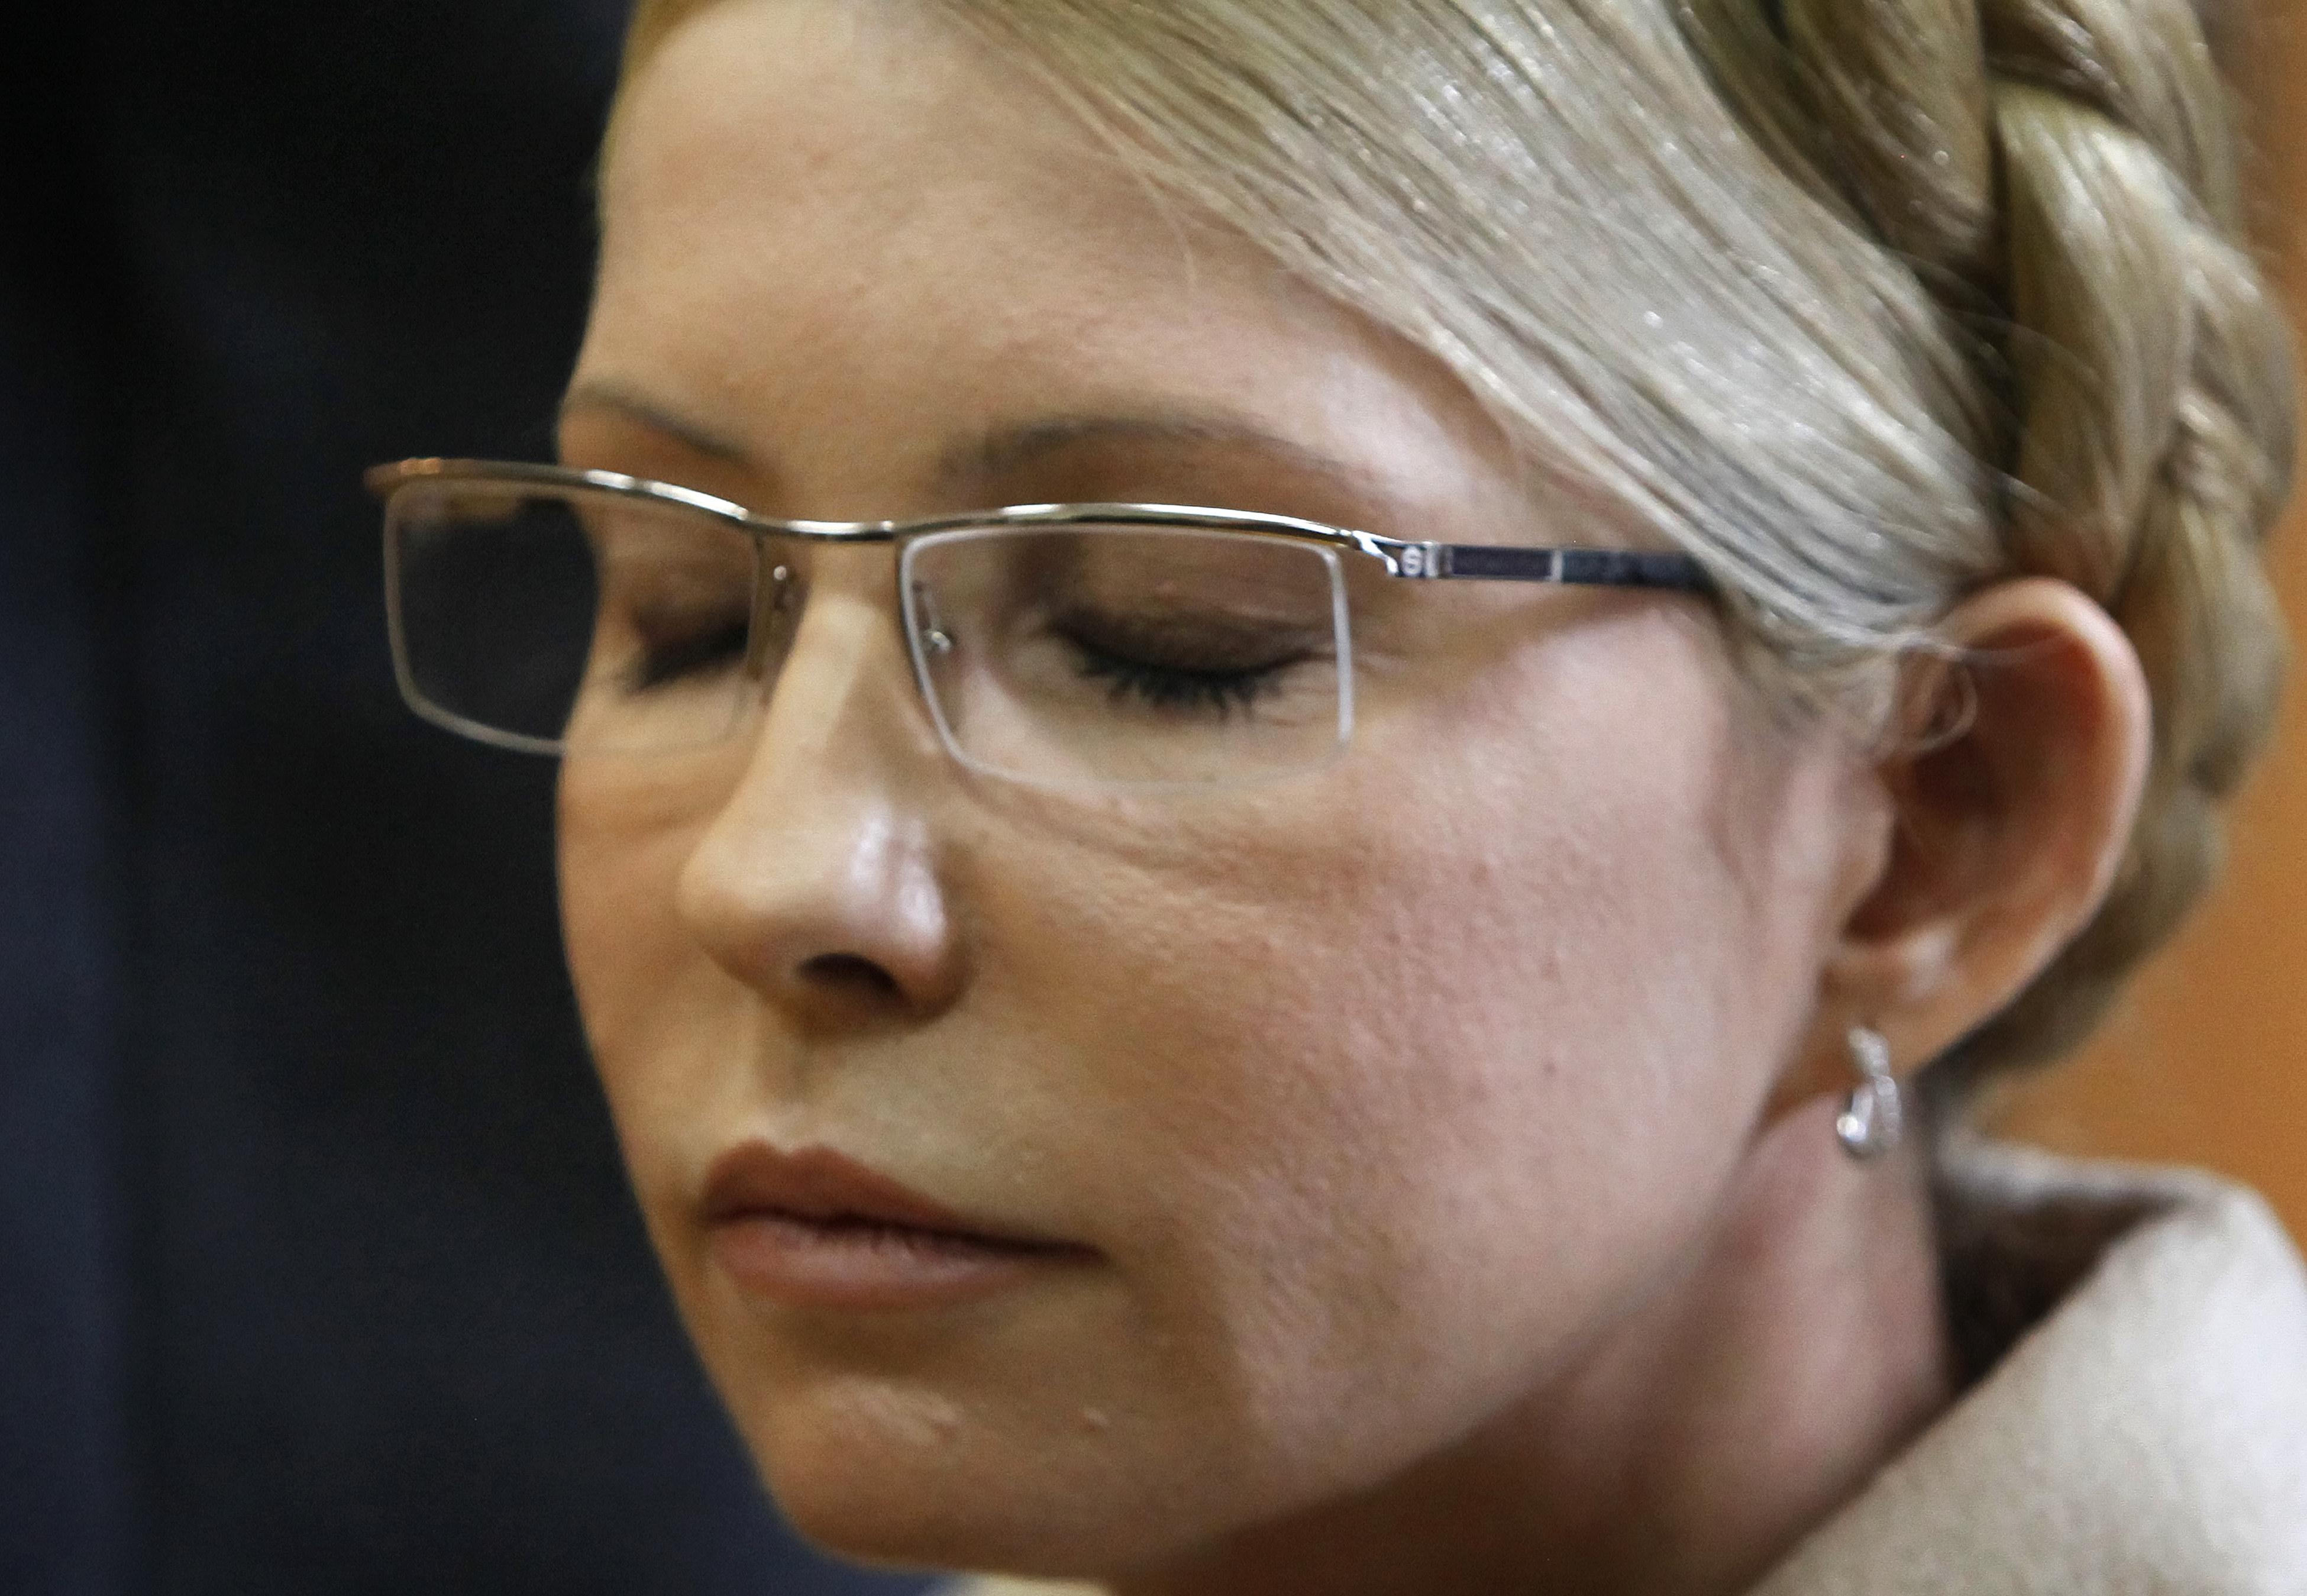 ОХОТА? Первые подробности расстрела друга Тимошенко